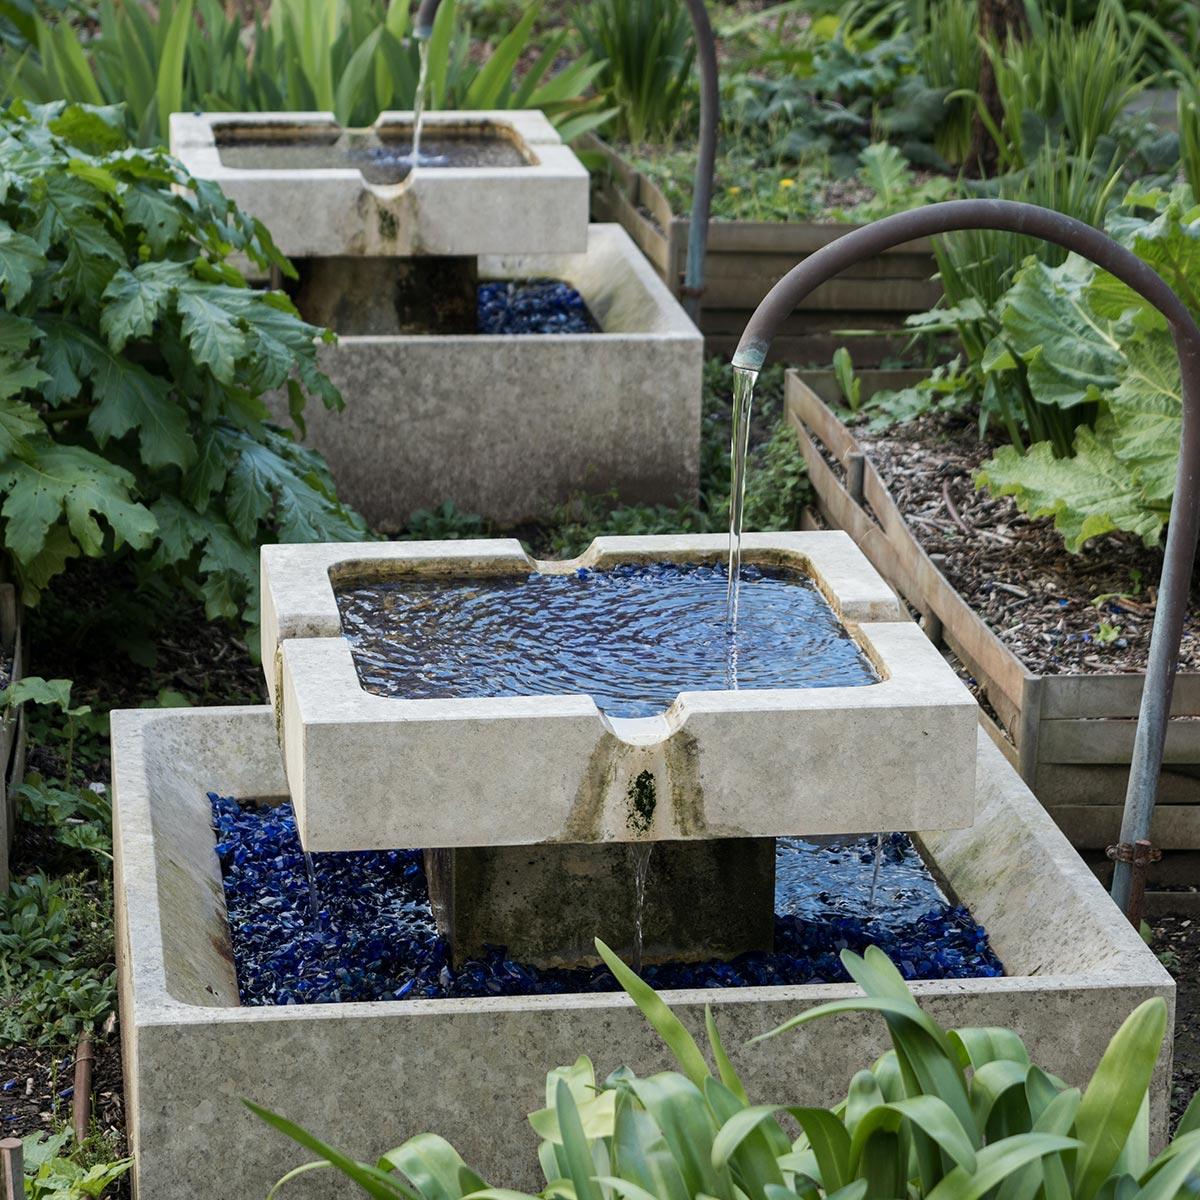 Jardín acuático: cómo crearlo, tips y recomendaciones